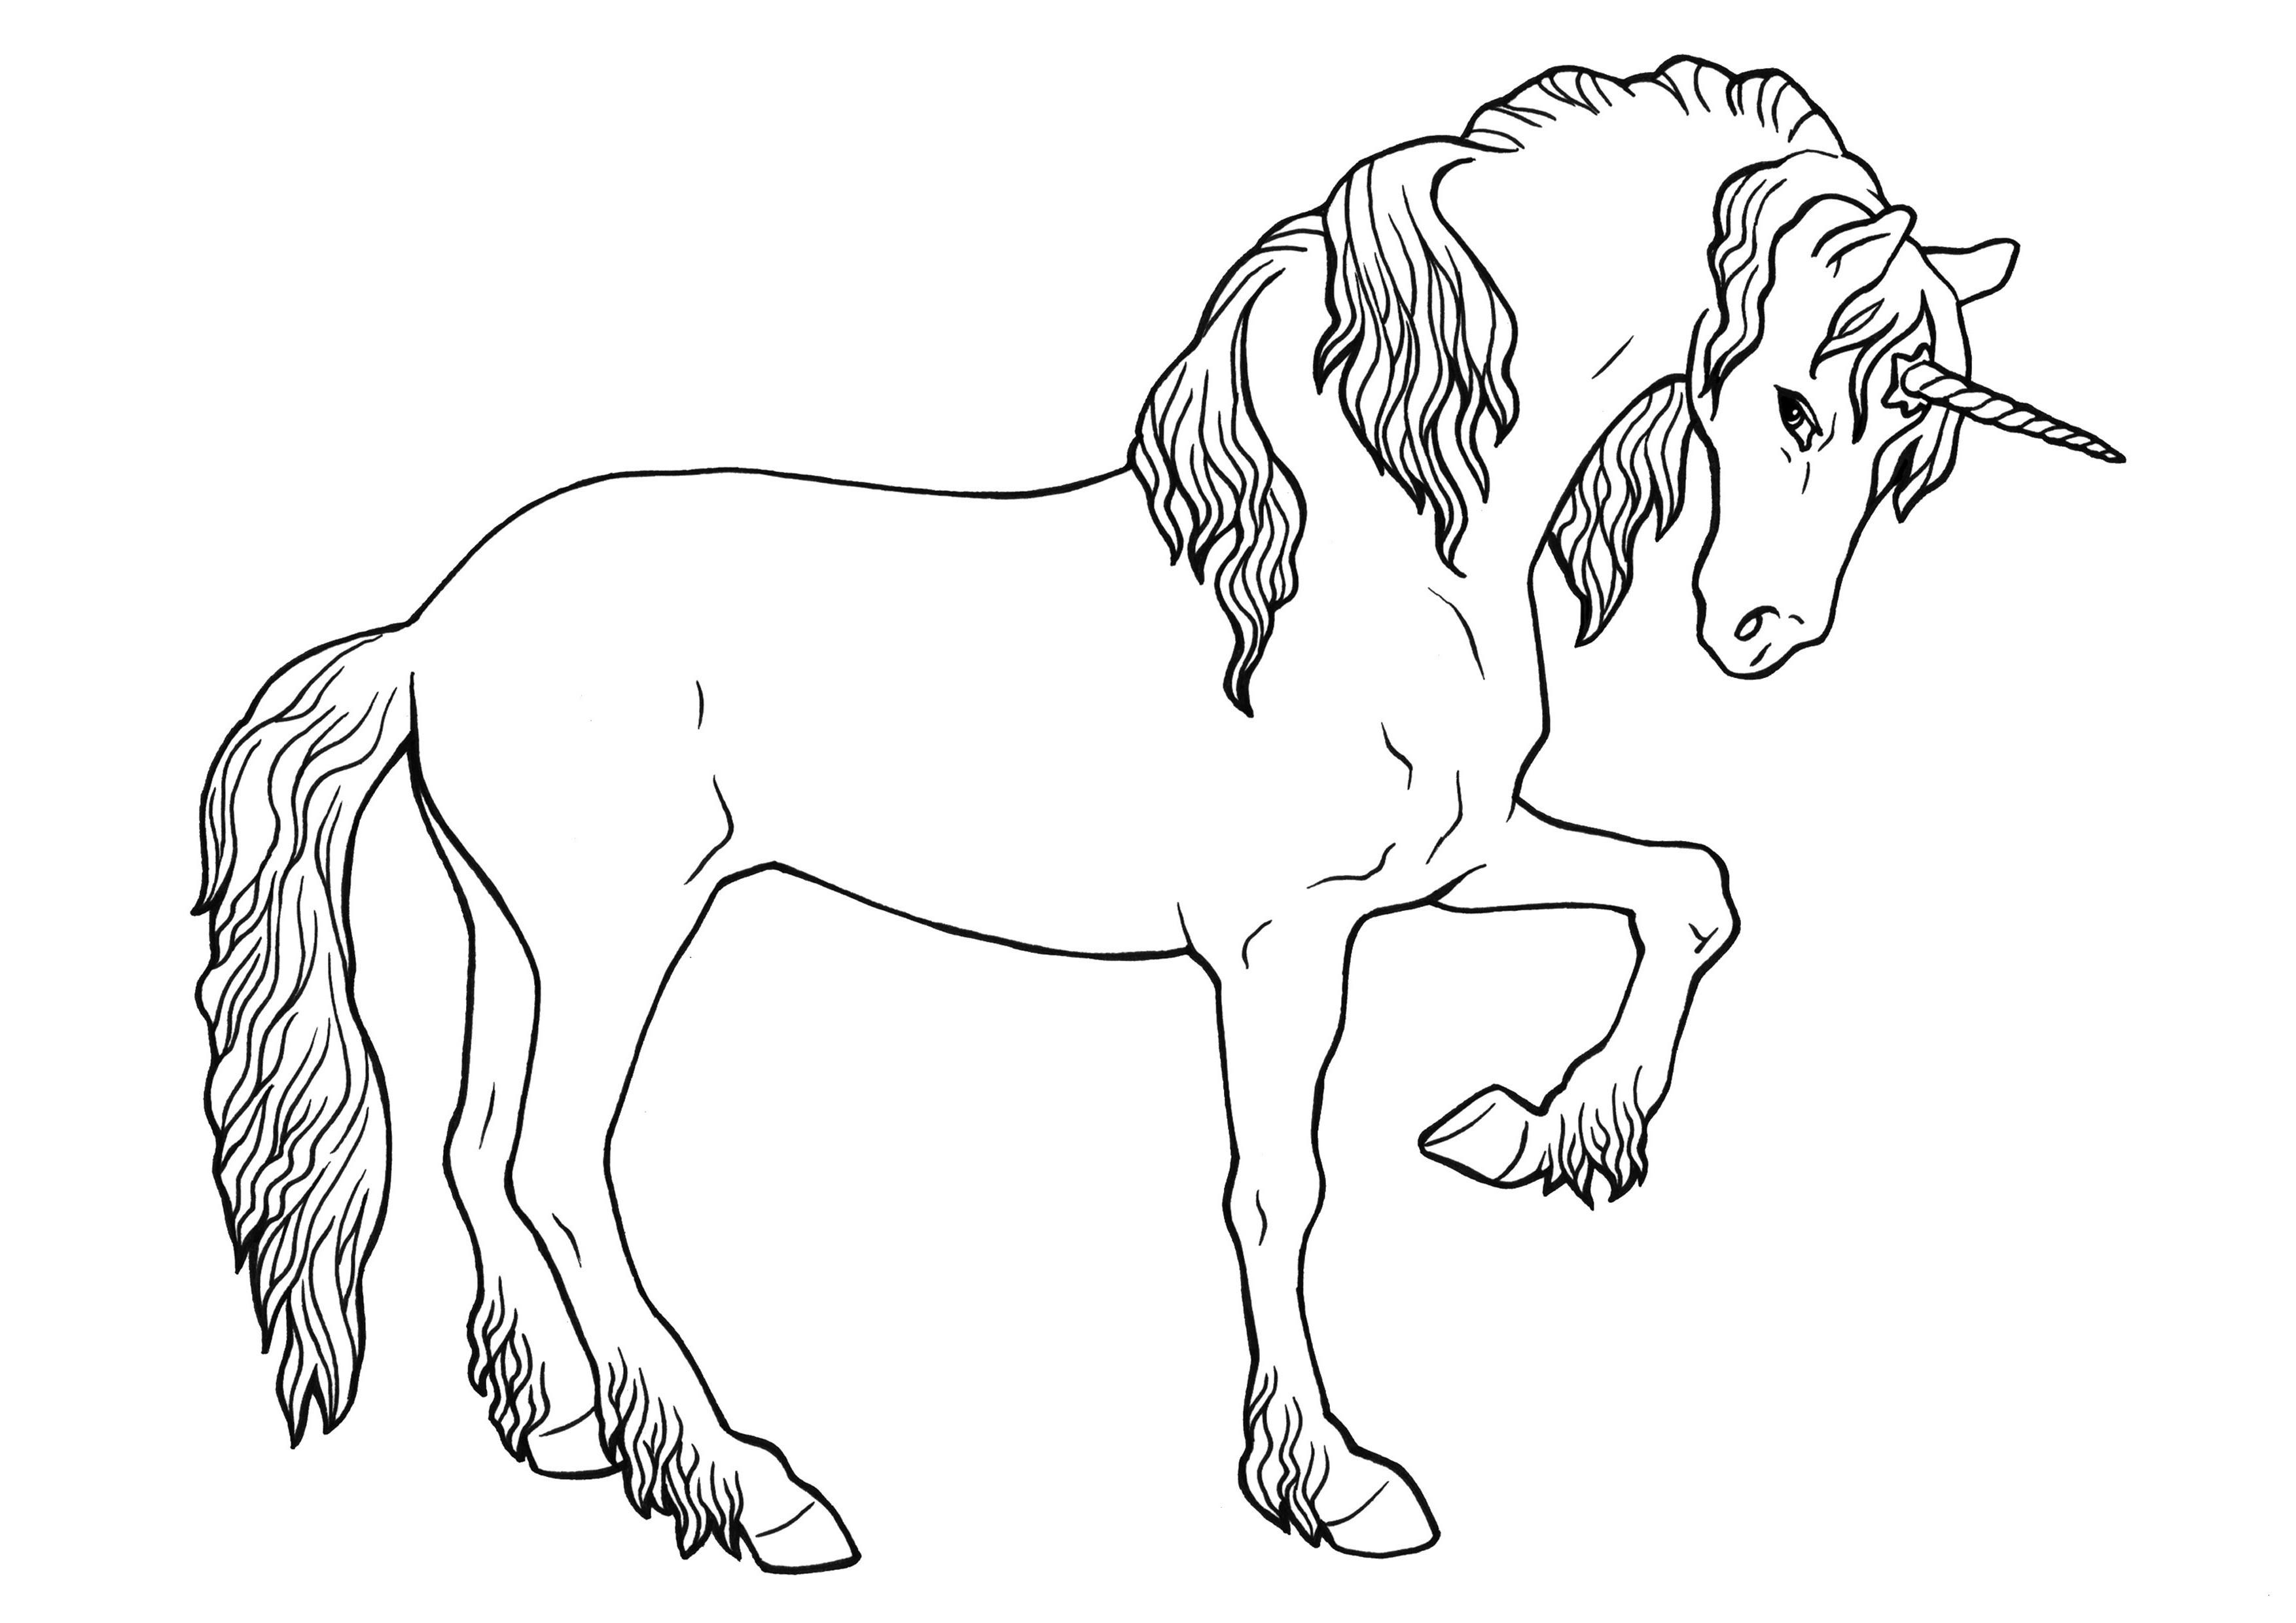 Ausmalbilder Fantasie Tiere Frisch 44 Einzigartig Schwierige Ausmalbilder – Große Coloring Page Sammlung Bilder